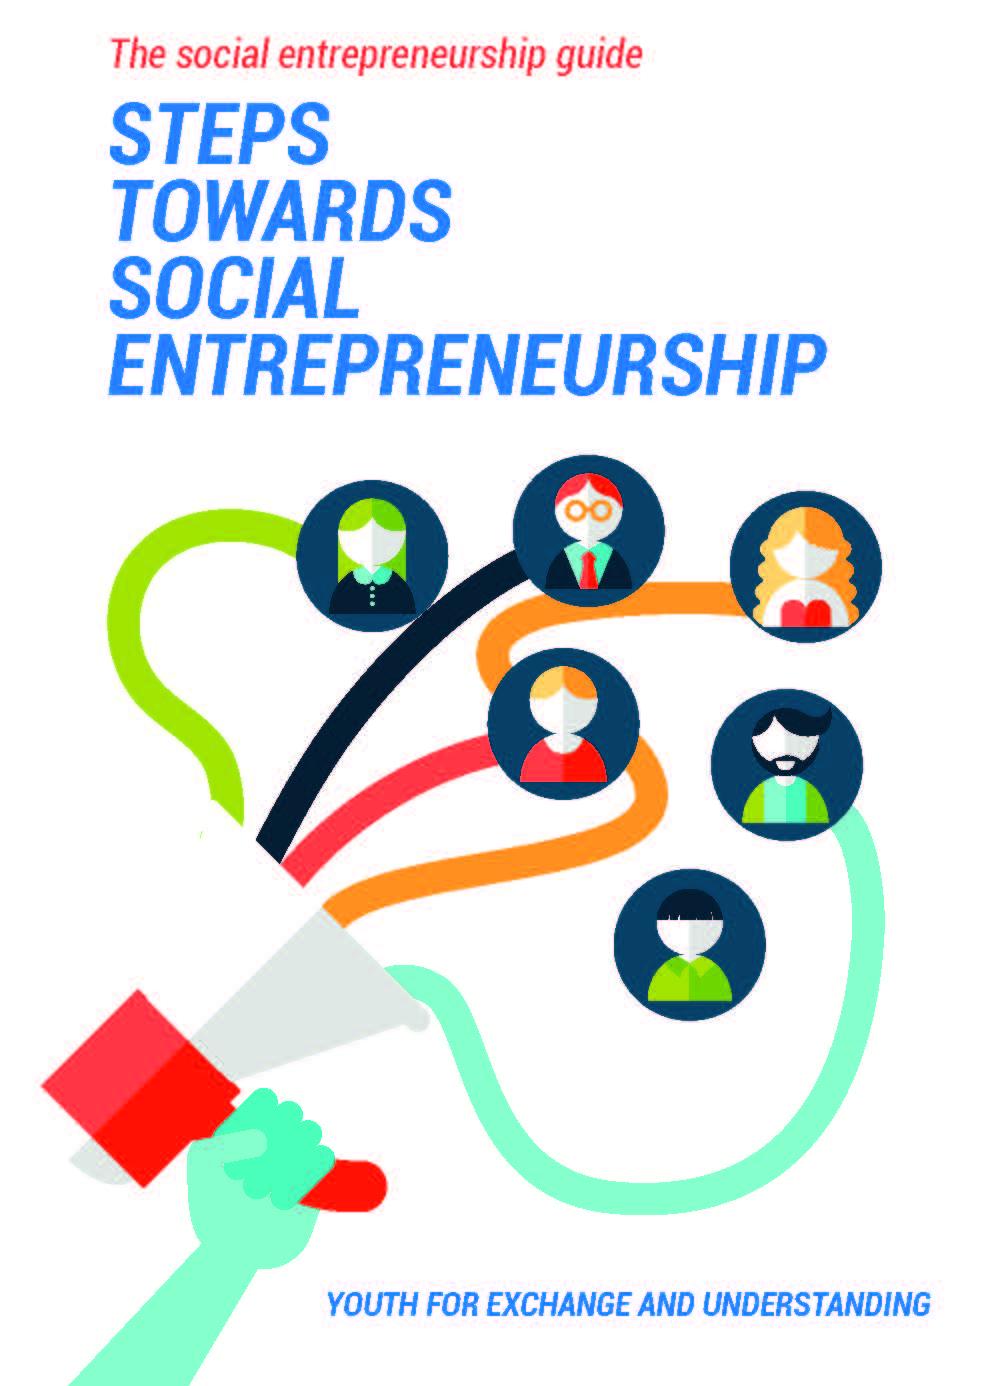 Steps towards social entrepreneurship